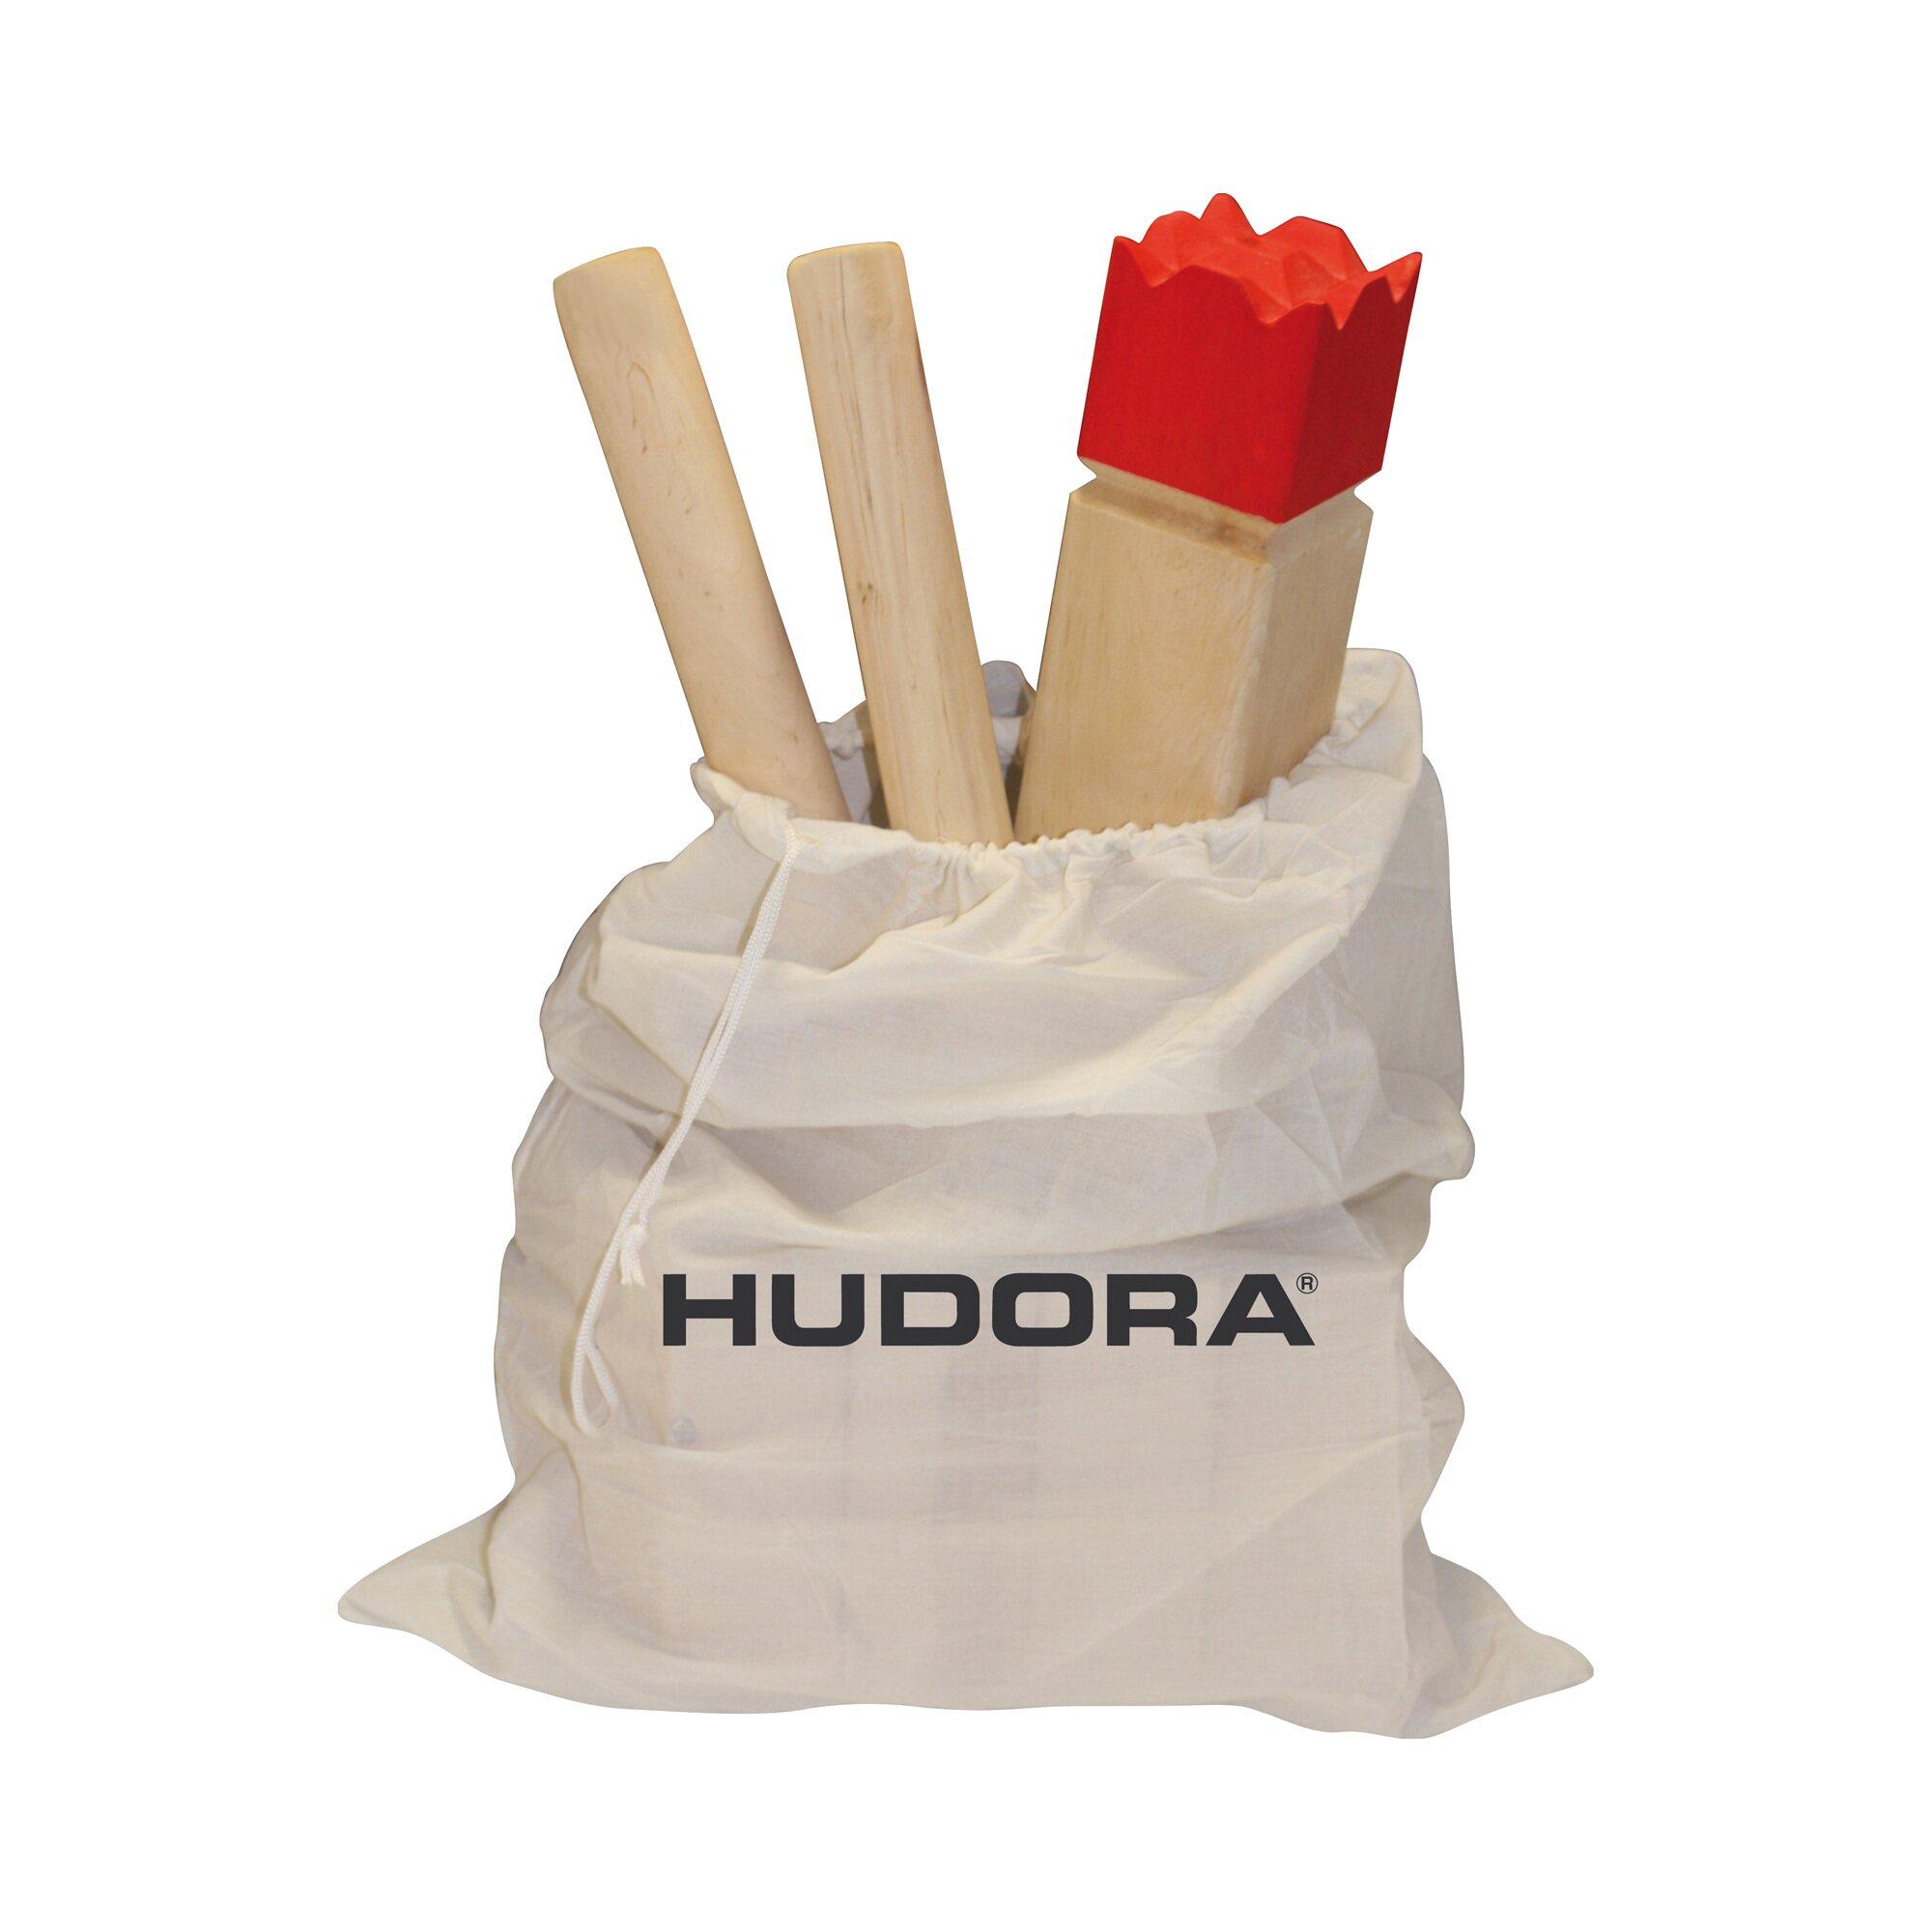 hudora-holzwurfspiel-wikingerspiel